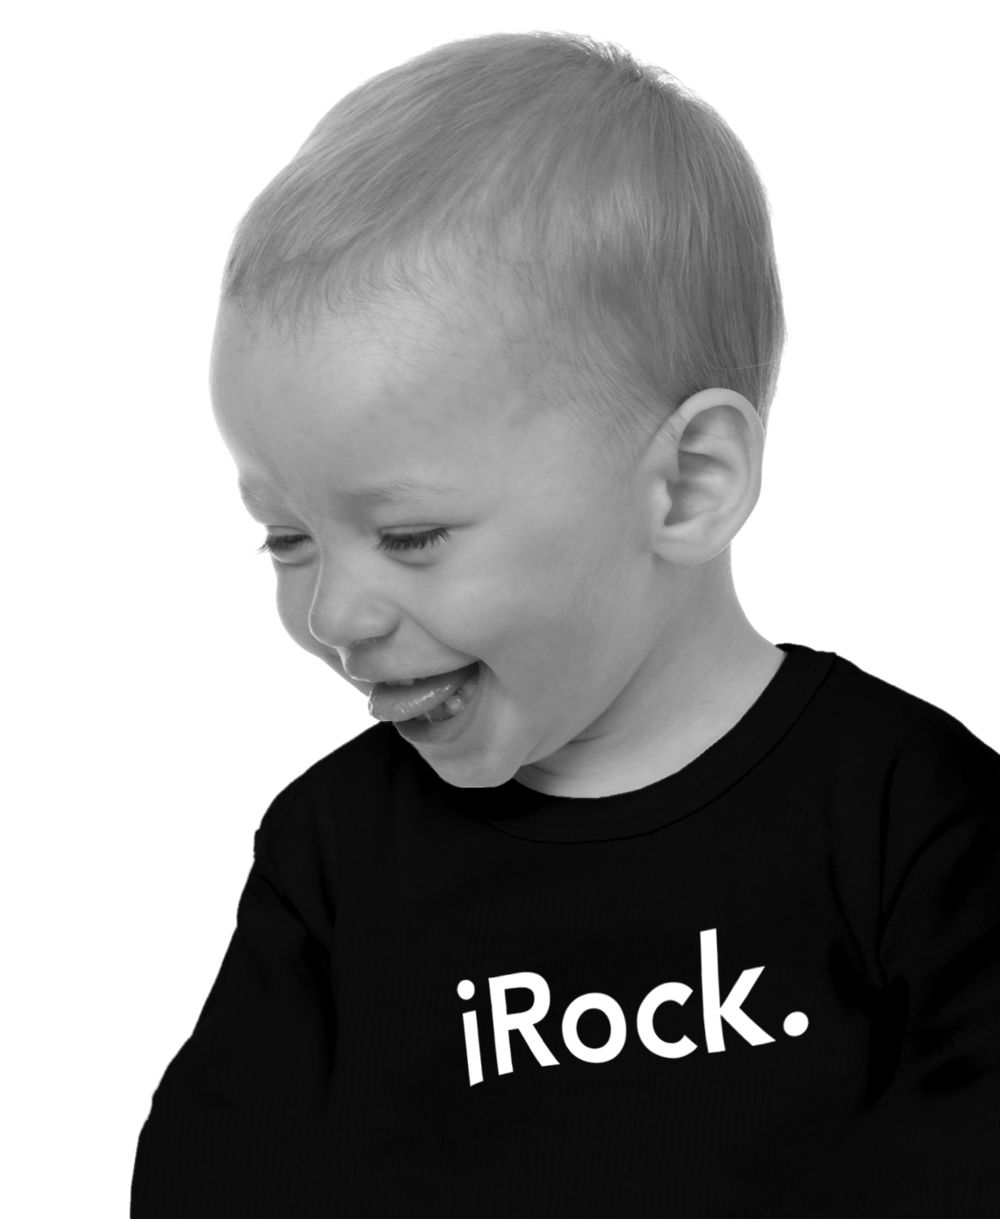 baby_shirt 2.jpg